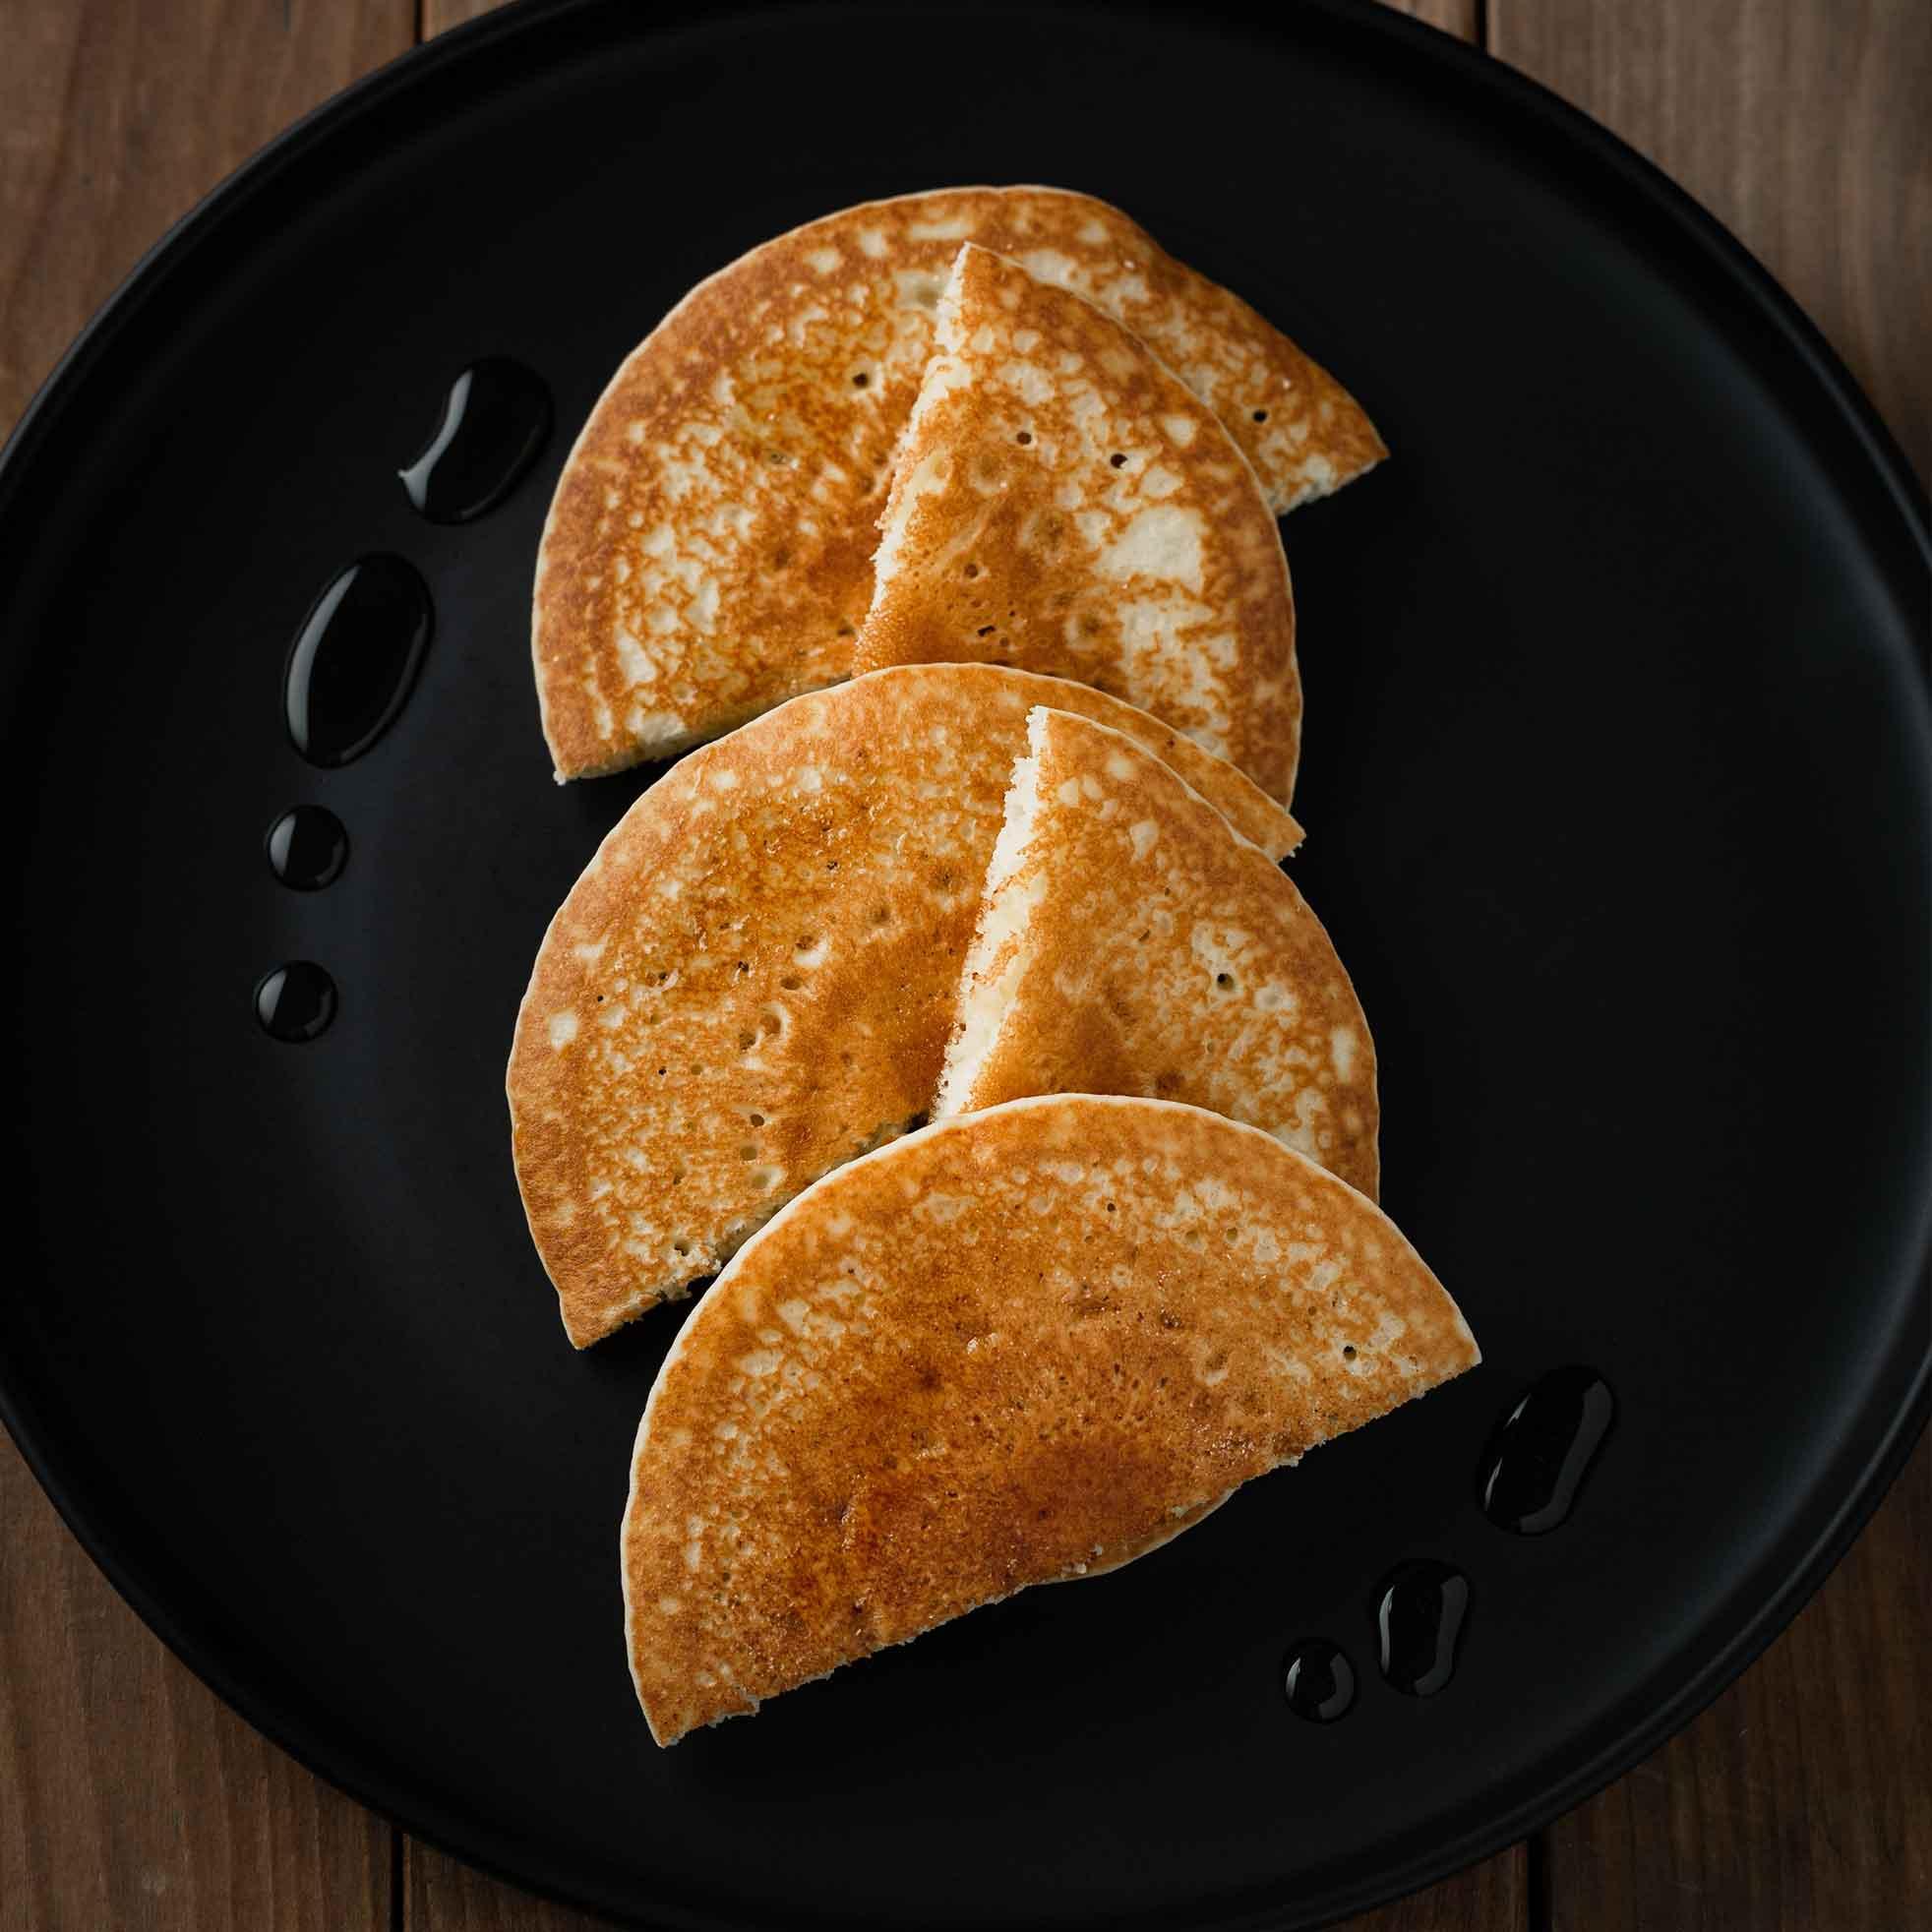 bakery-sample-7